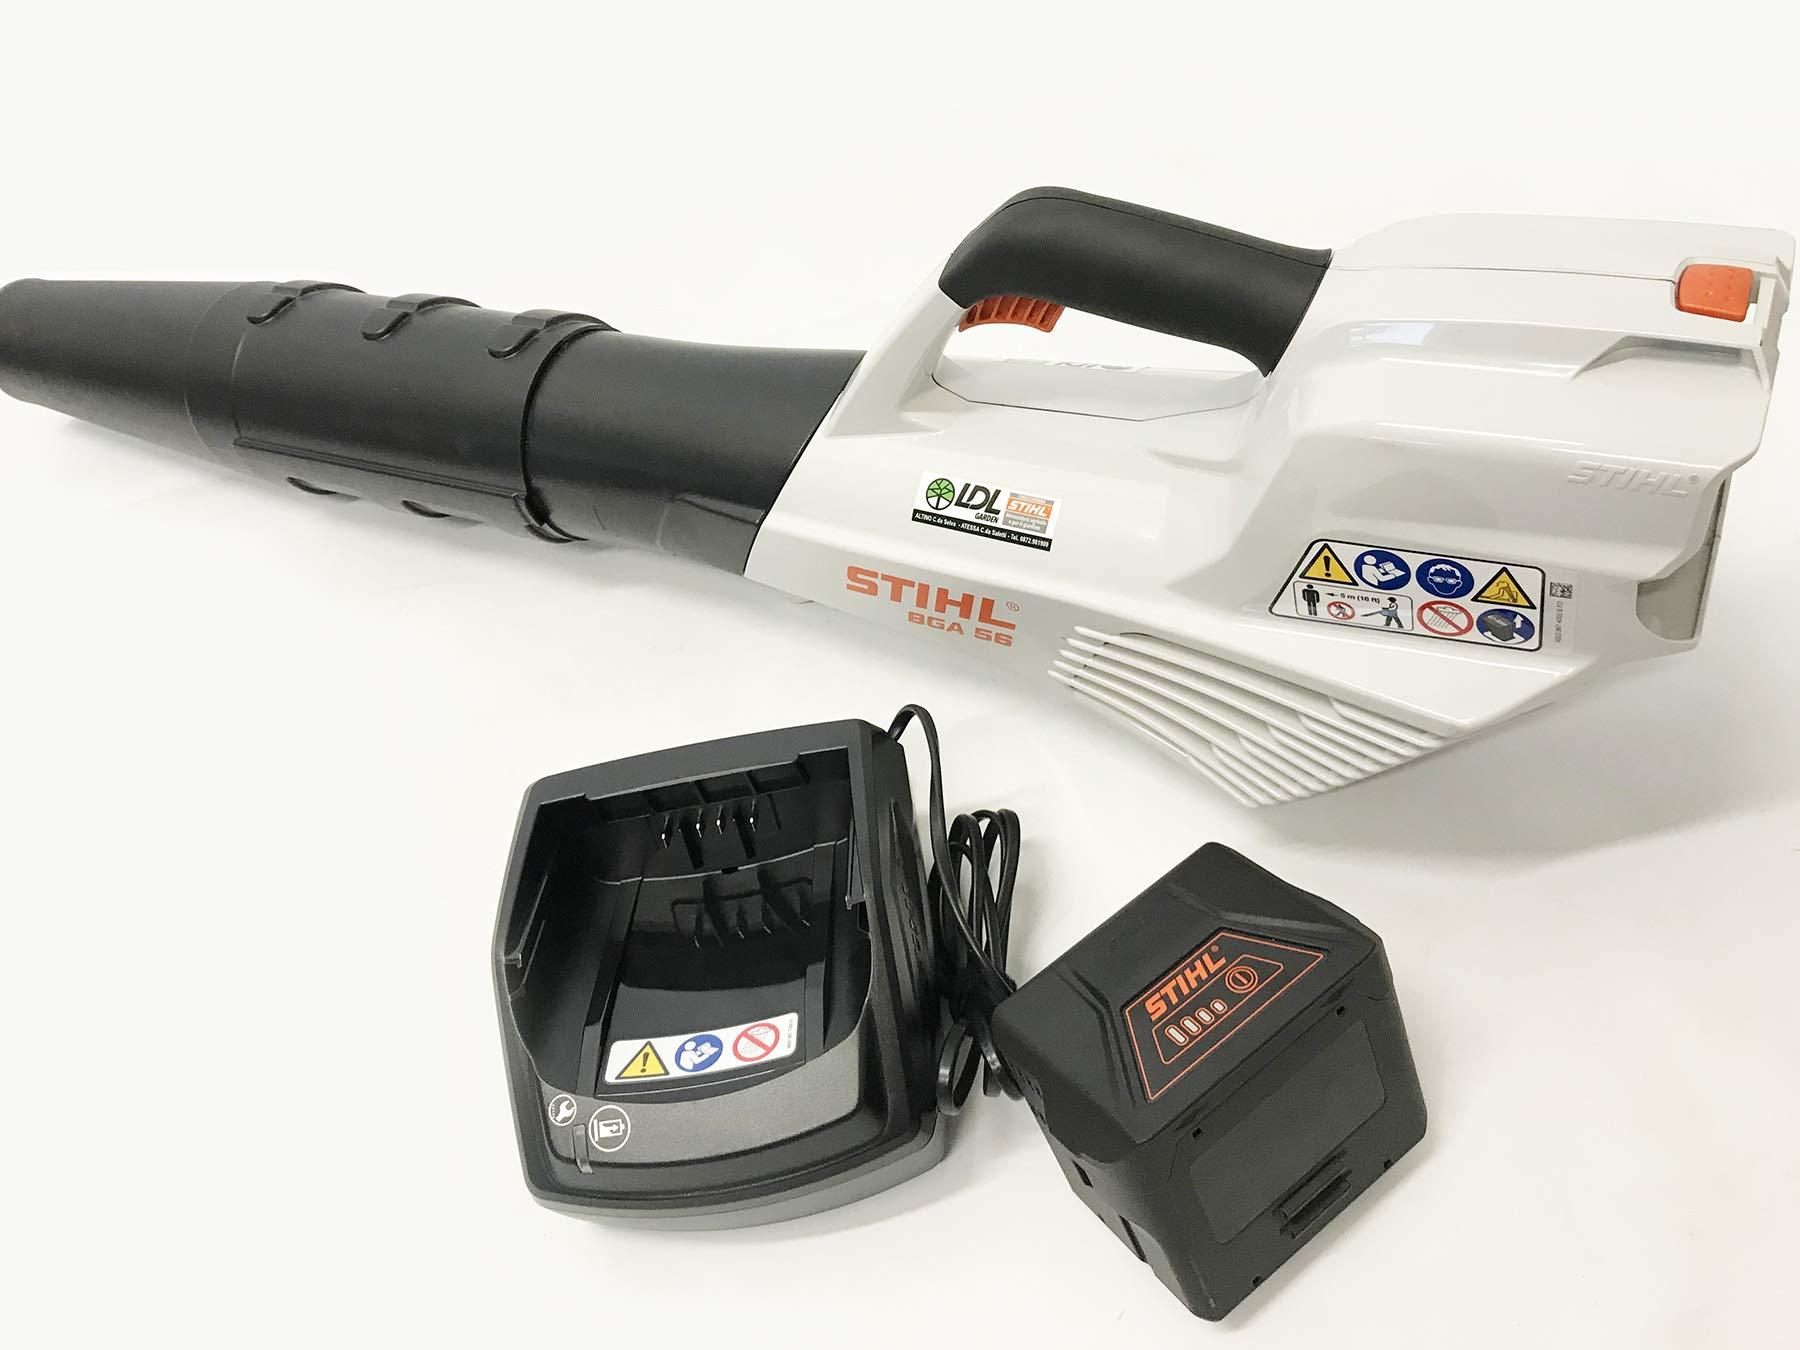 Batería Blas dispositivo Stihl BGA 56: Amazon.es: Bricolaje y ...